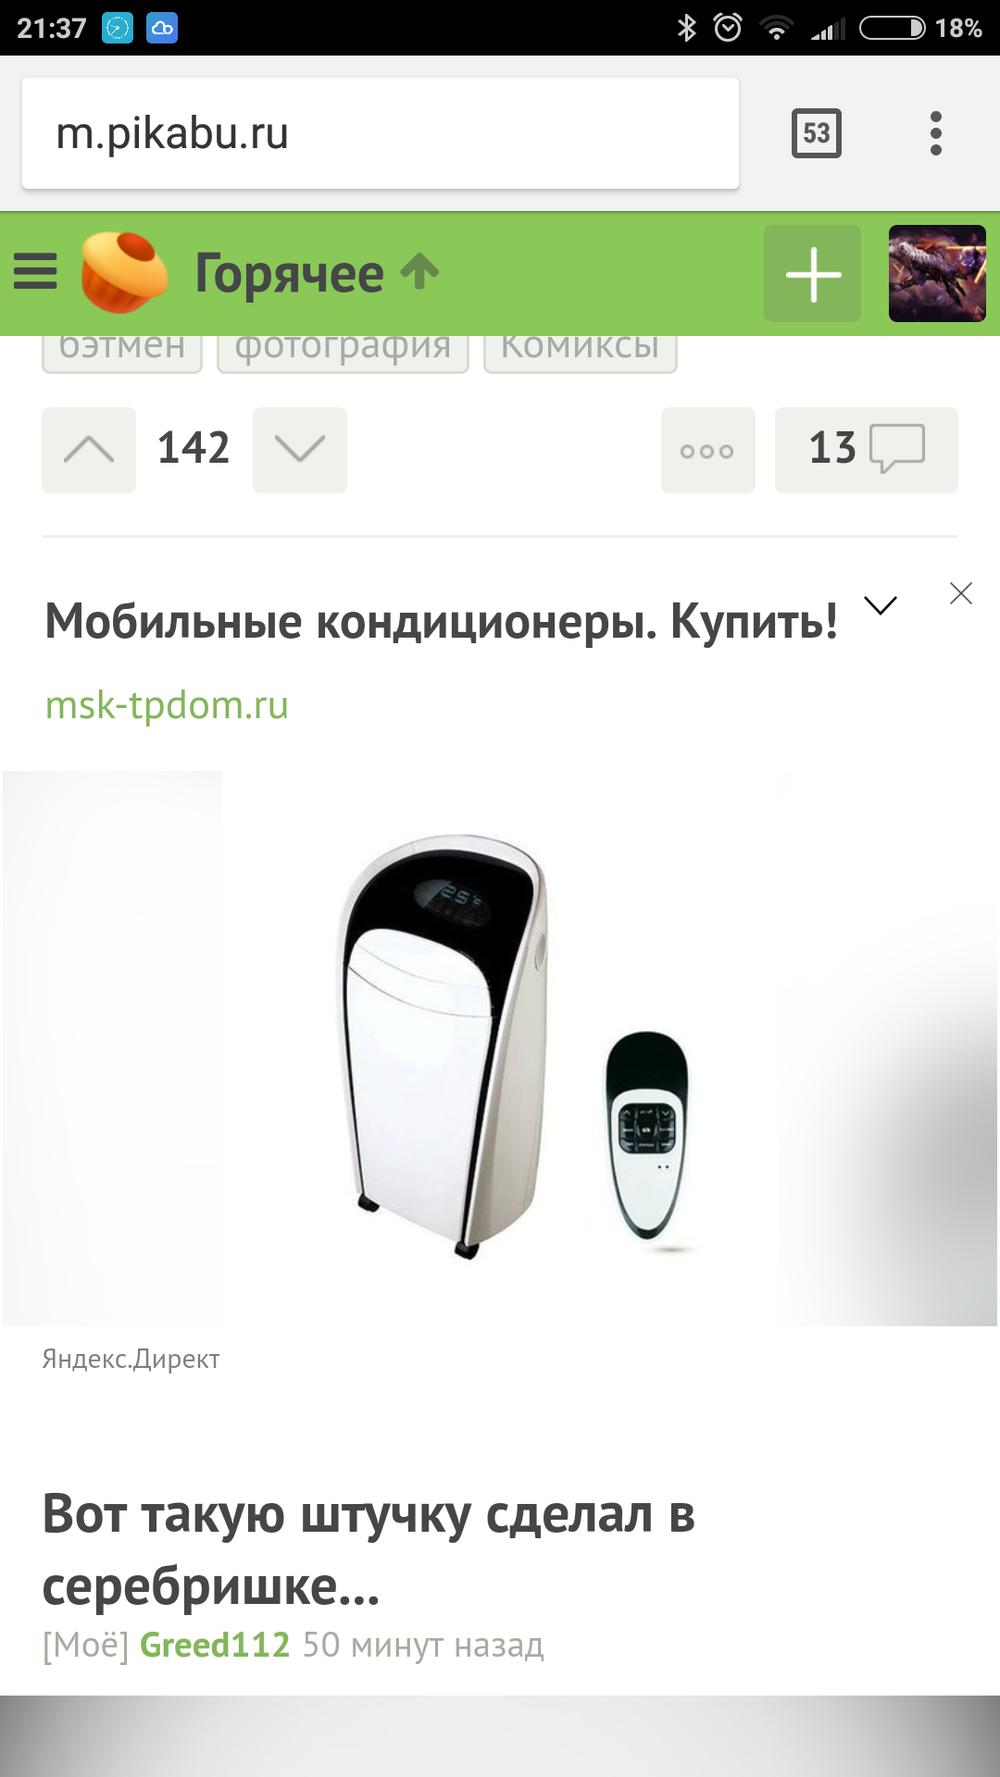 Краснодар монтаж кондиционера top comfort msk ru установка кондиционеров бологое